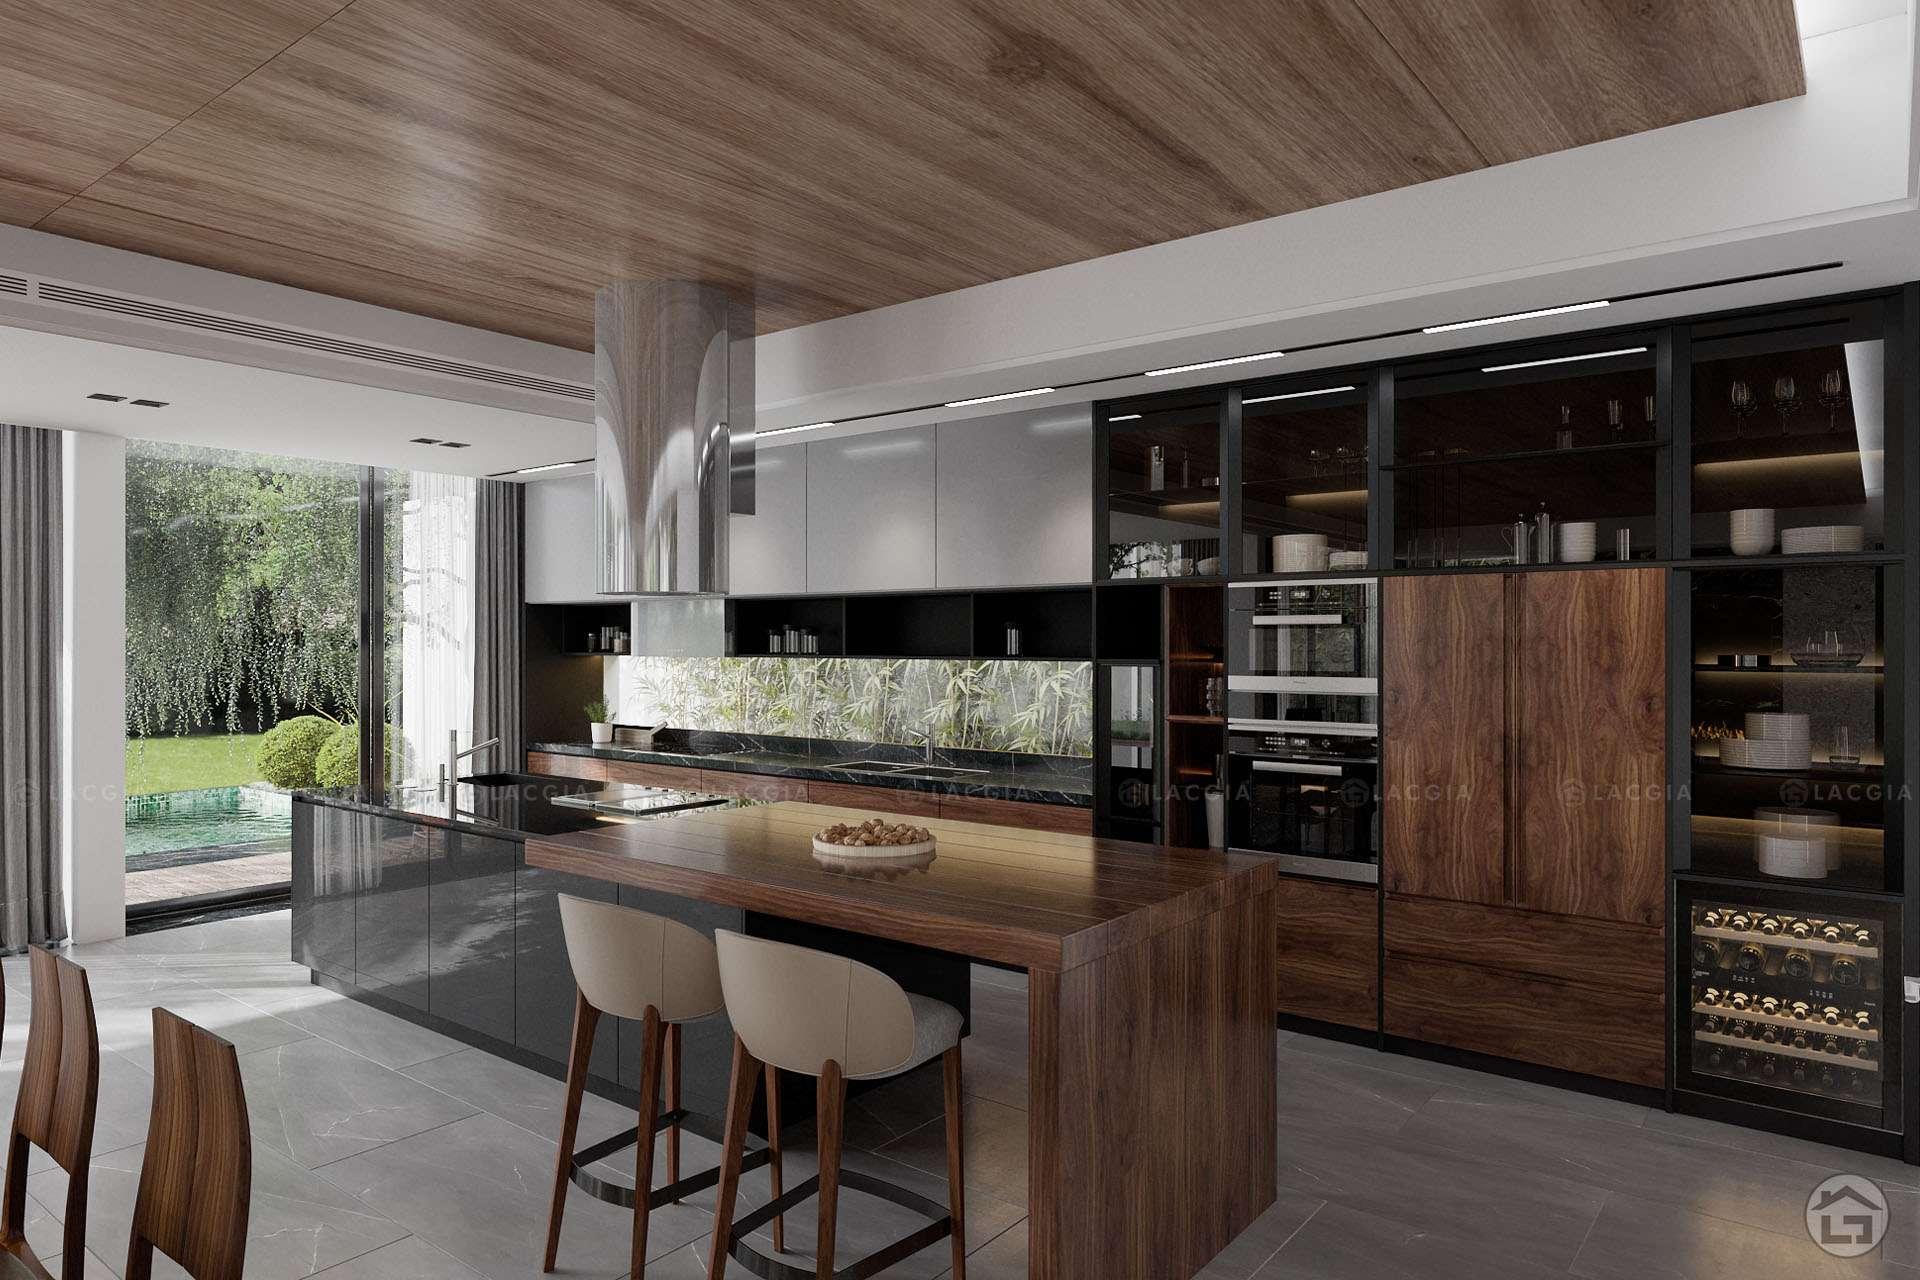 Bố trí vật dụng nội thất cần khoa học, hợp lý trong không gian phòng bếp